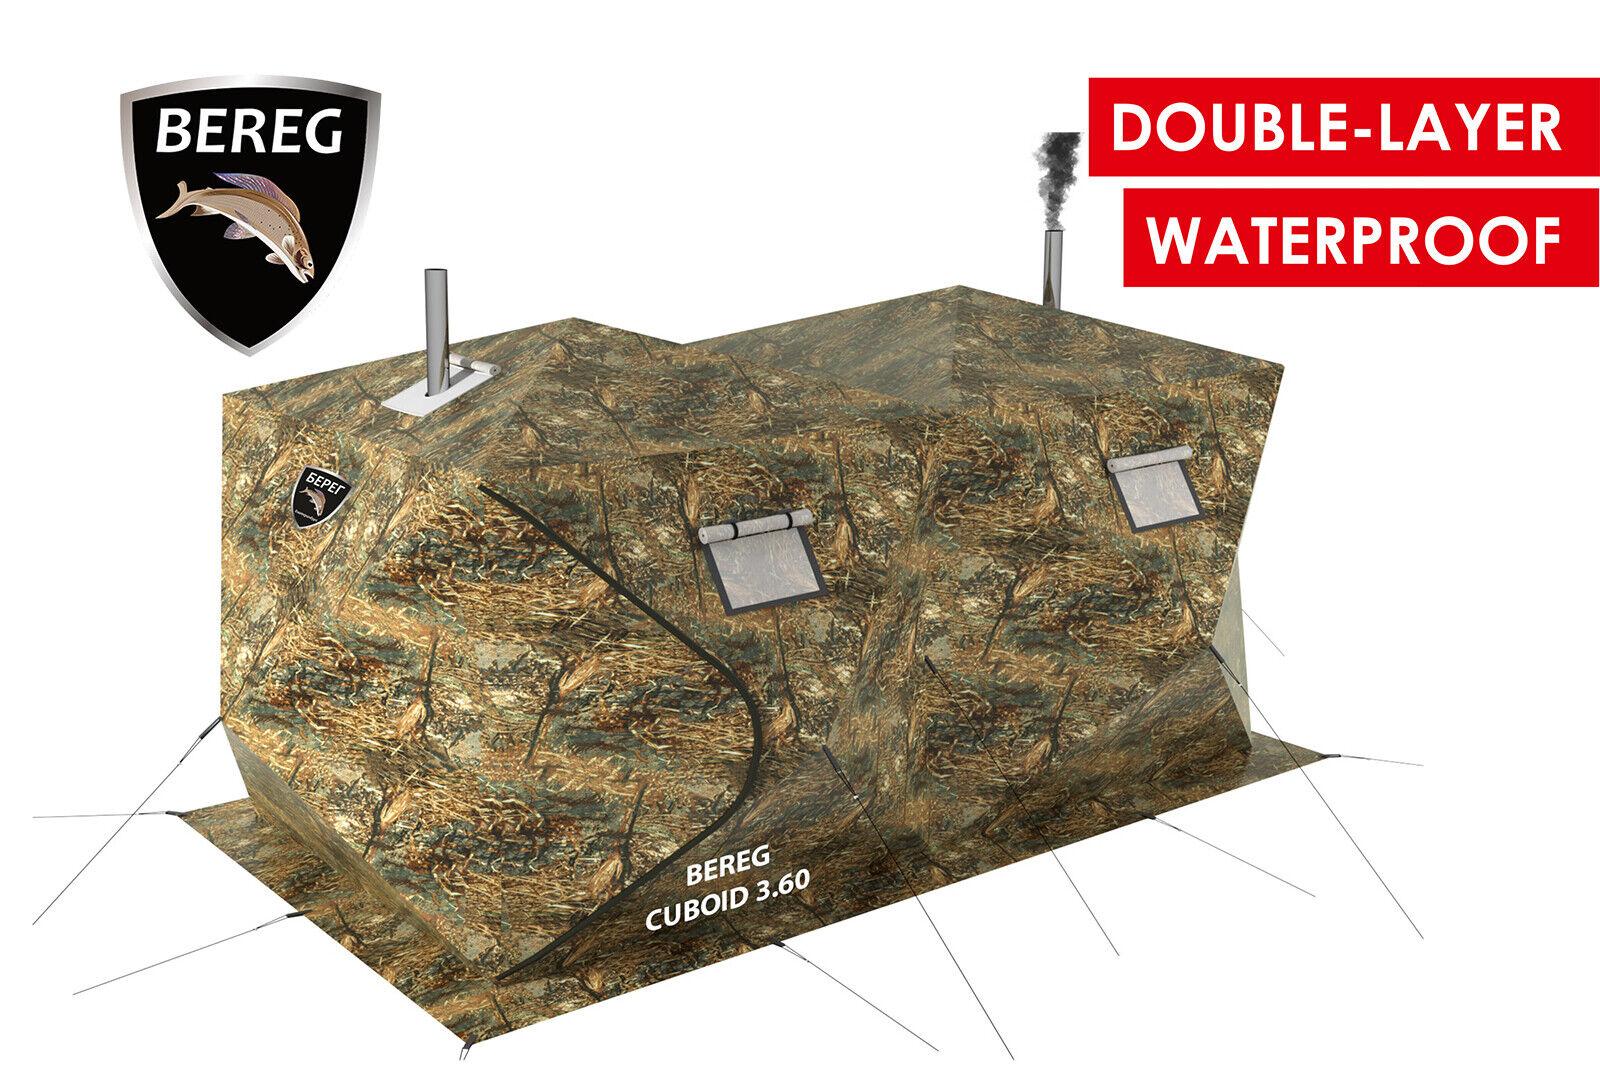 Todas las estaciones de doble capa impermeable a prueba de viento Cochepa Cuboide 3.60 de PF Bereg